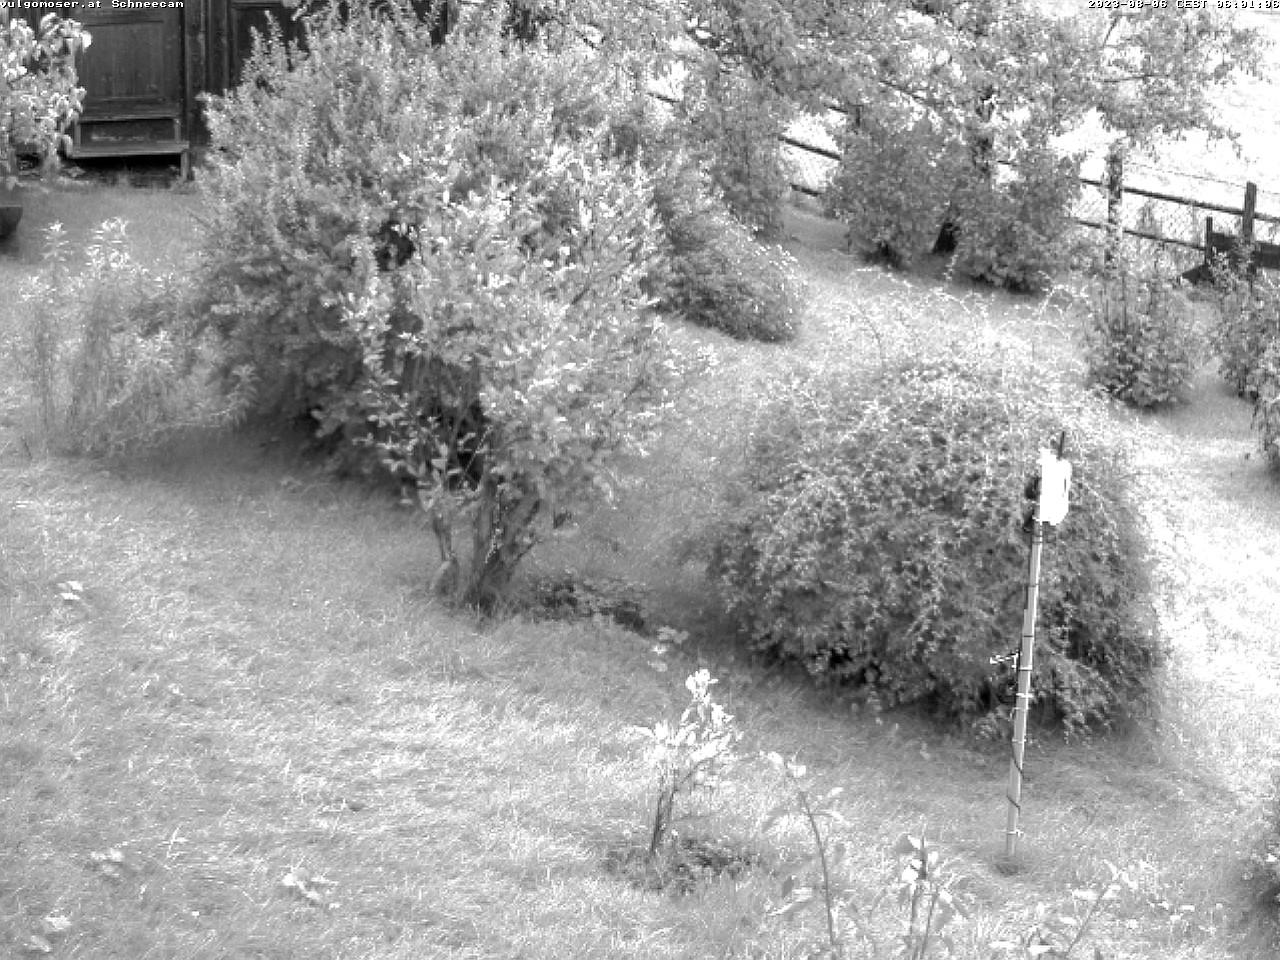 Schnee aktuell